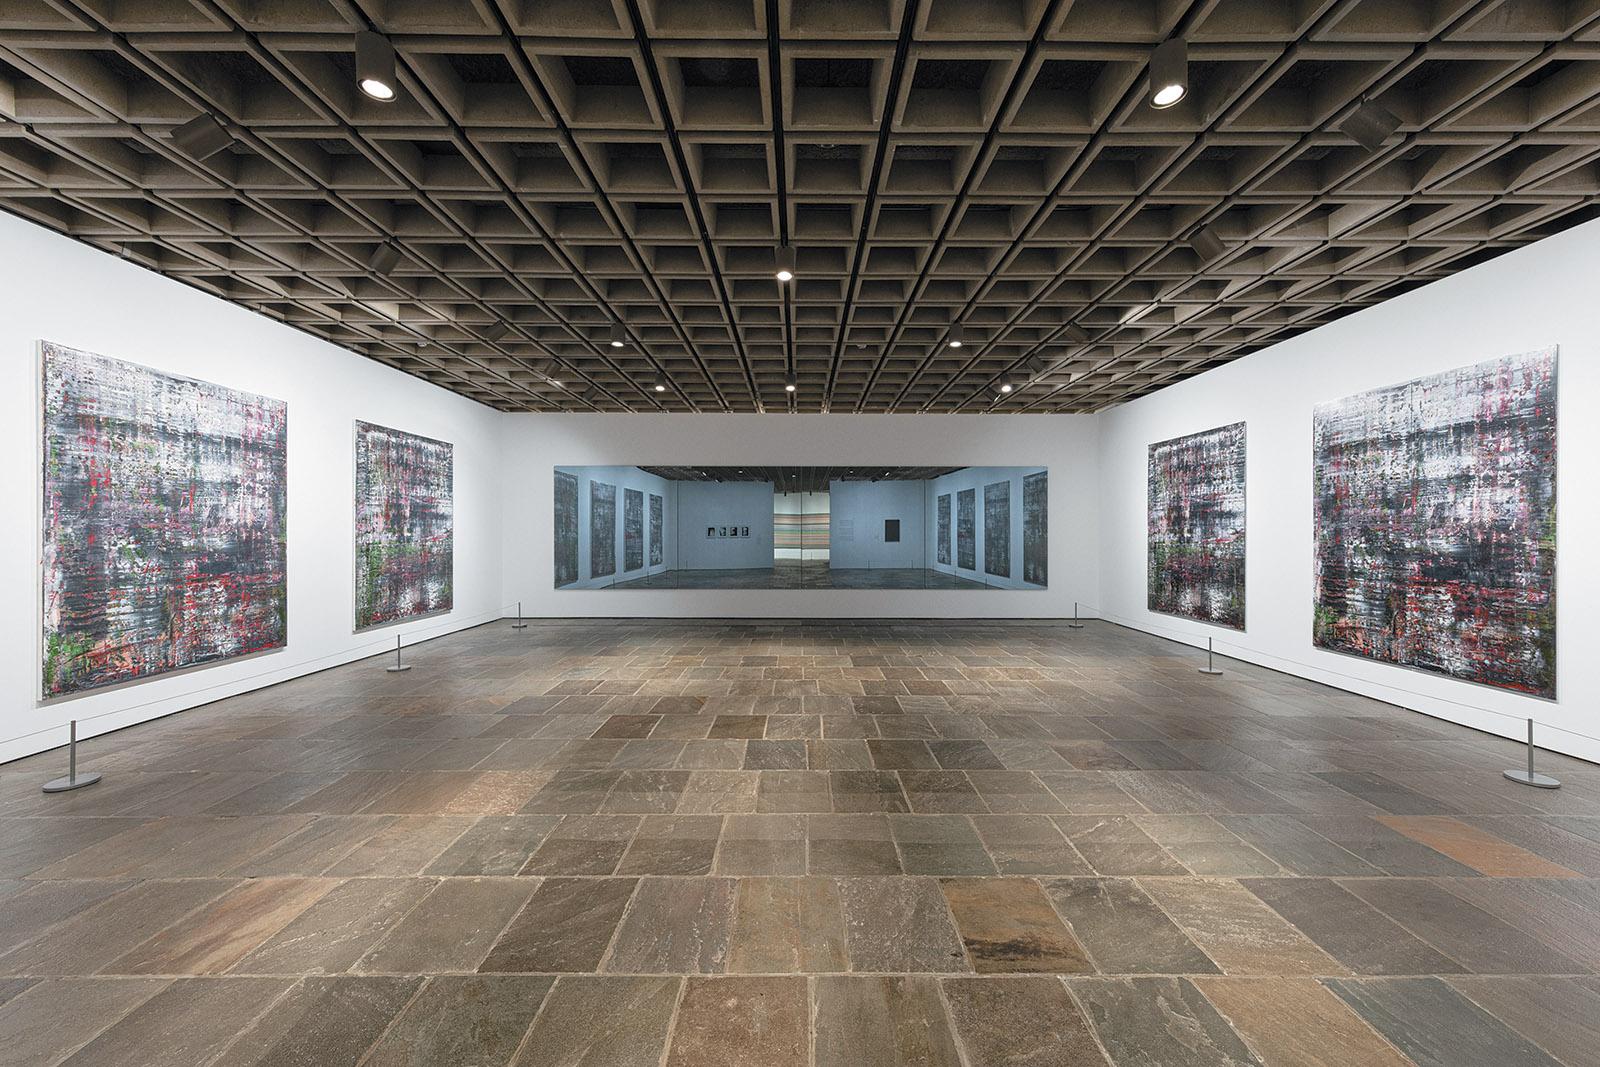 Gallery installation view of Gerhard Richter's Birkenau